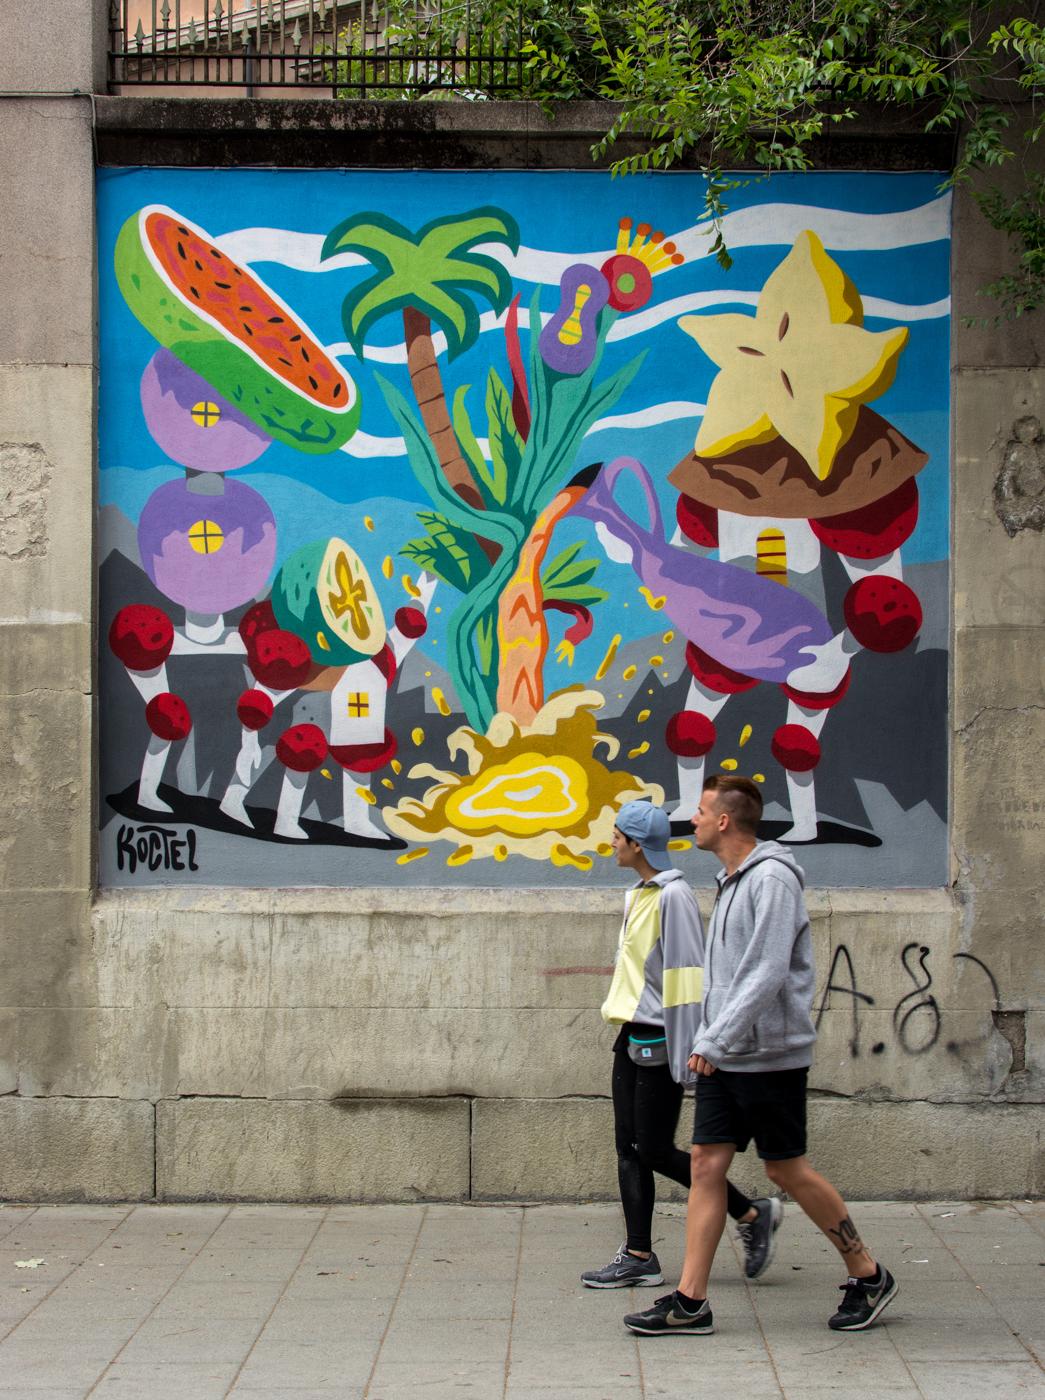 Koctel final - MurosTabacalera by Guillermo de la Madrid - Madrid Street Art Project-002.jpg